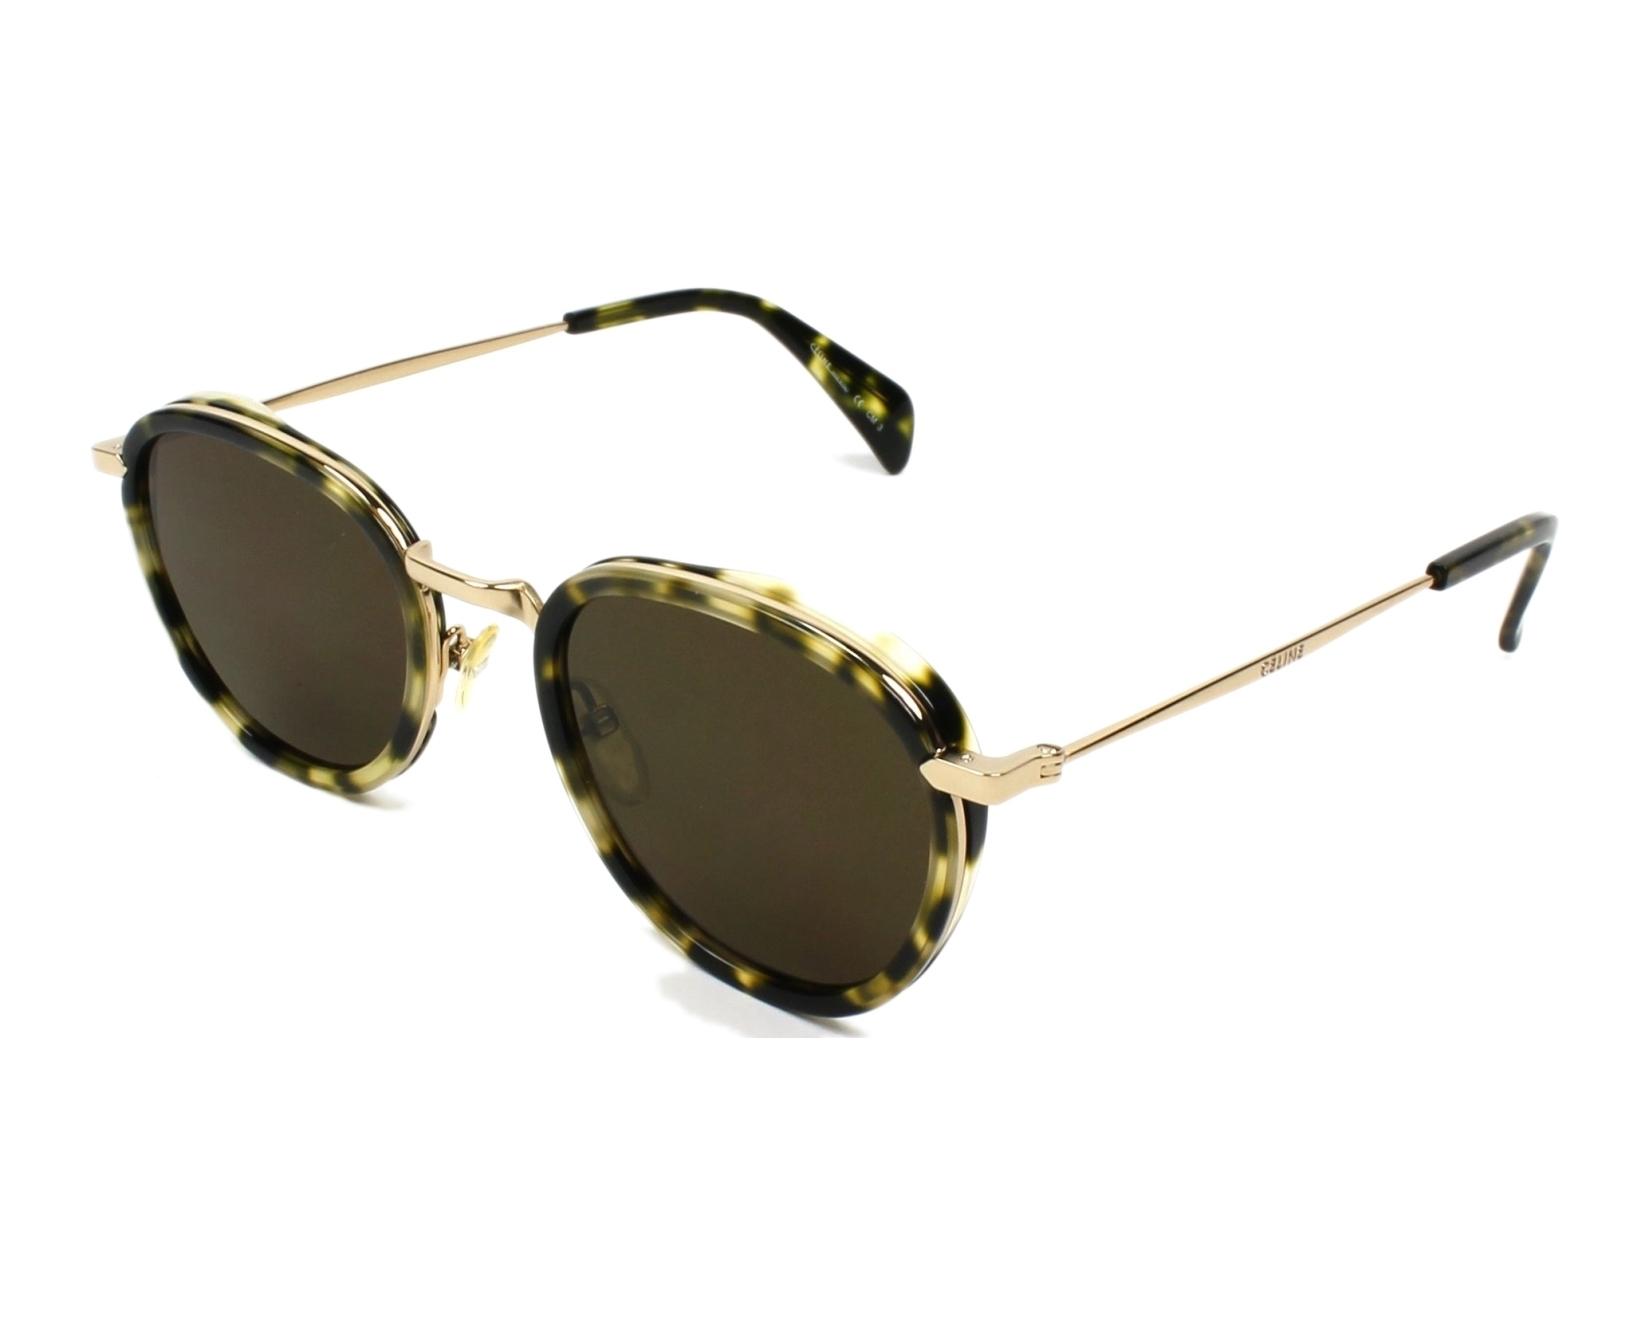 1e2a1265bf9 Céline Women s Cl 41423 s 48mm Sunglasses